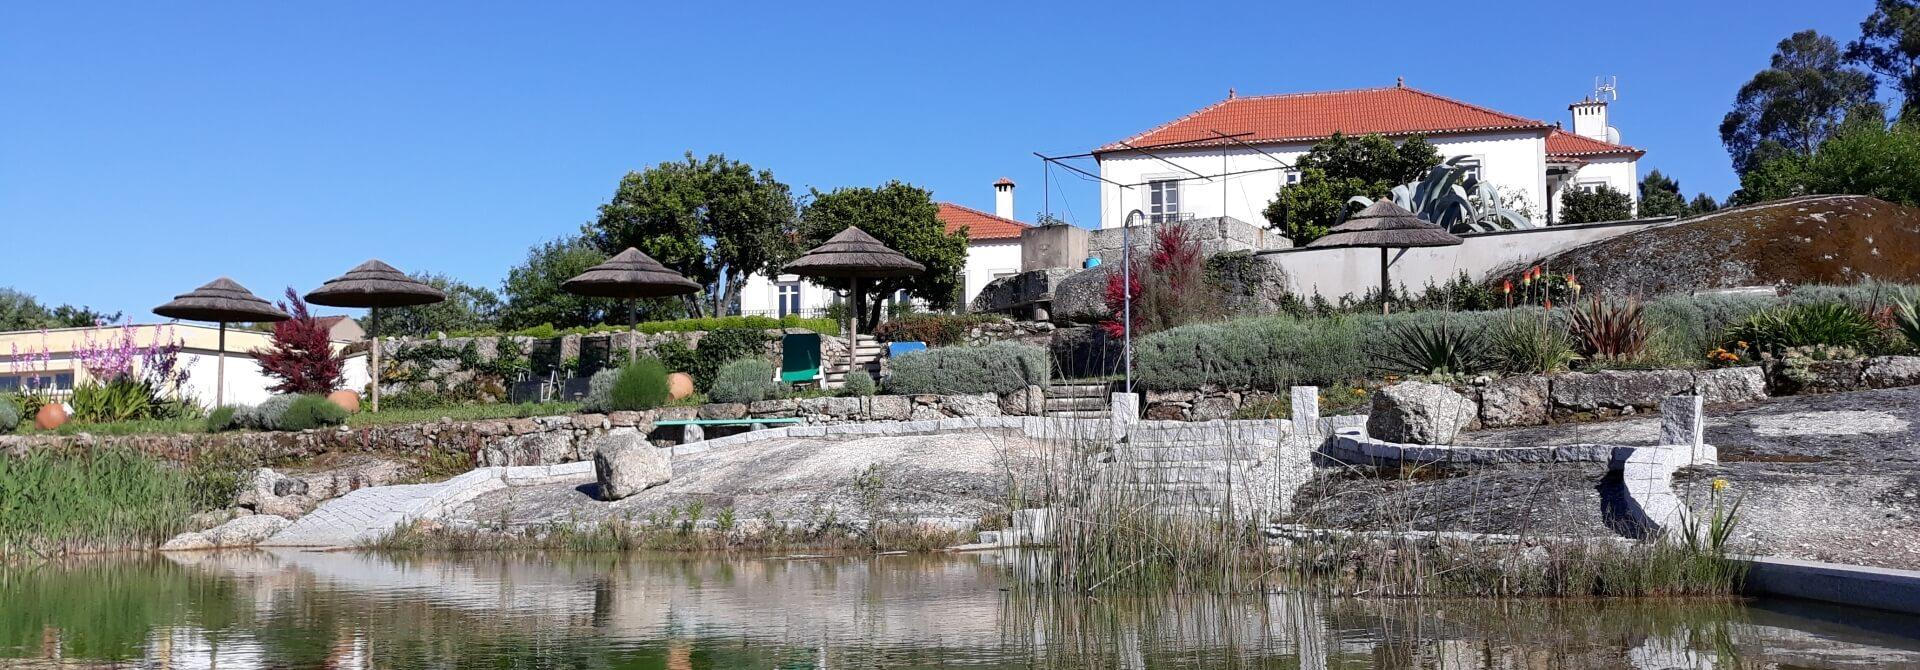 Quinta Vale Pocacho vooraanzicht